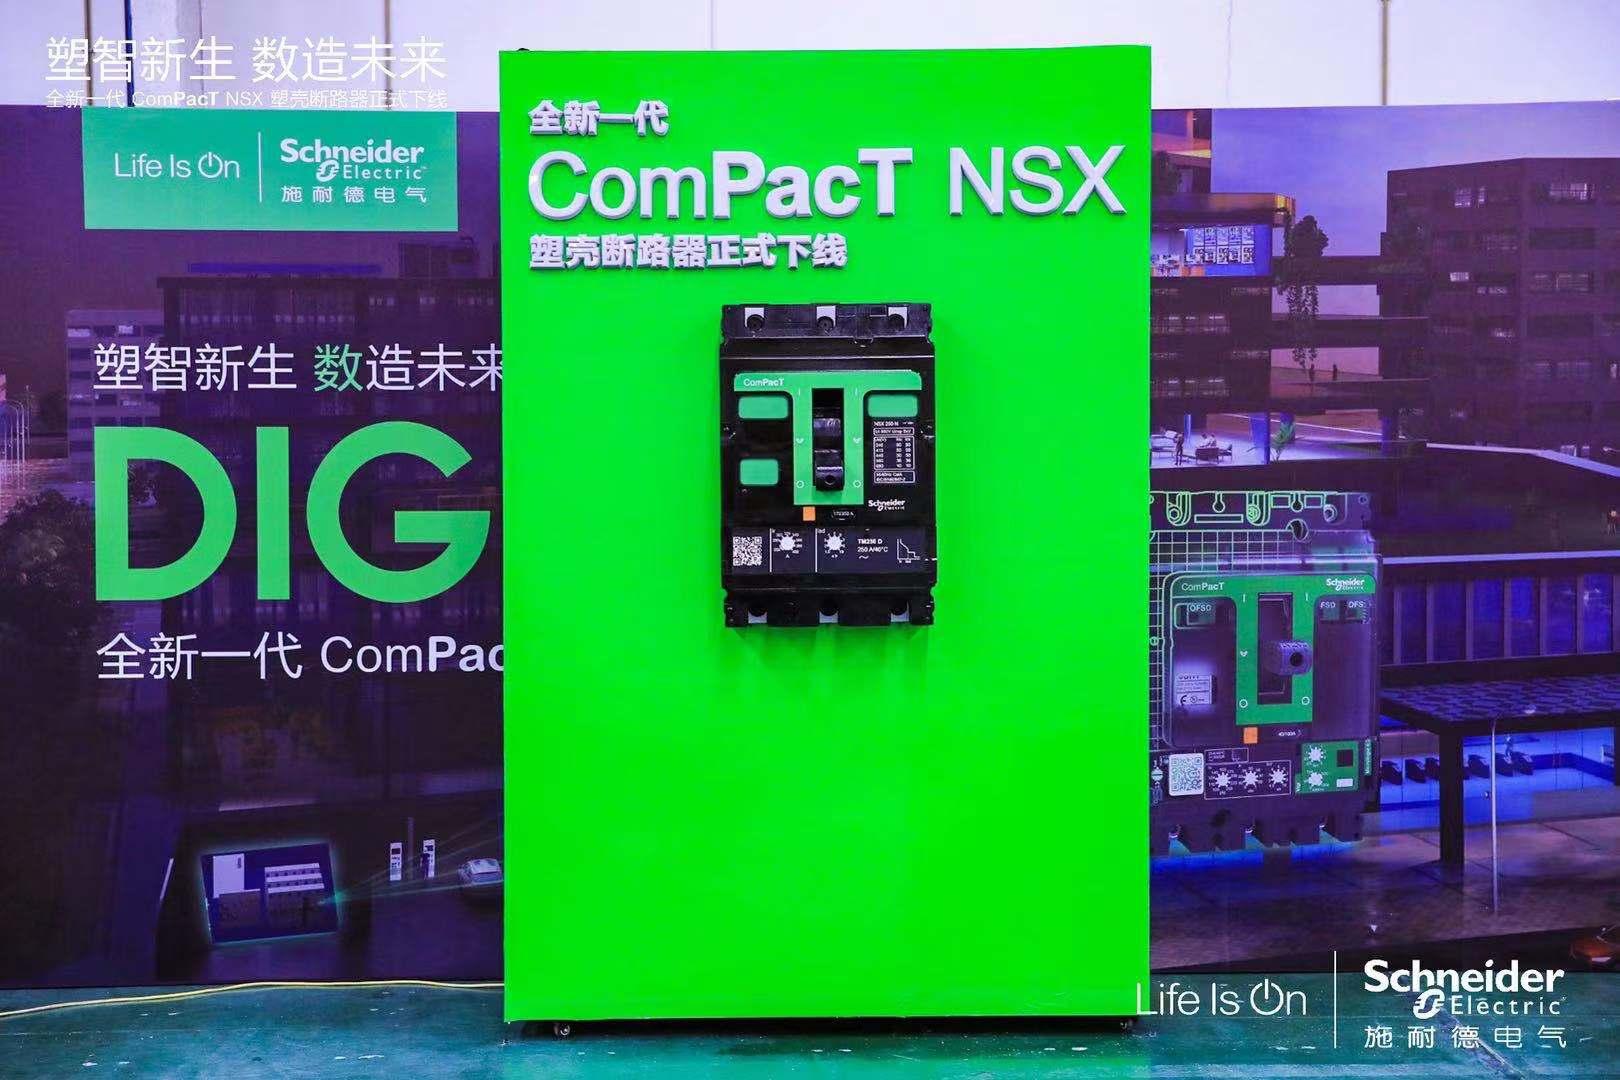 施耐德电气全新一代ComPacT NSX塑壳断路器下线仪式在京举行